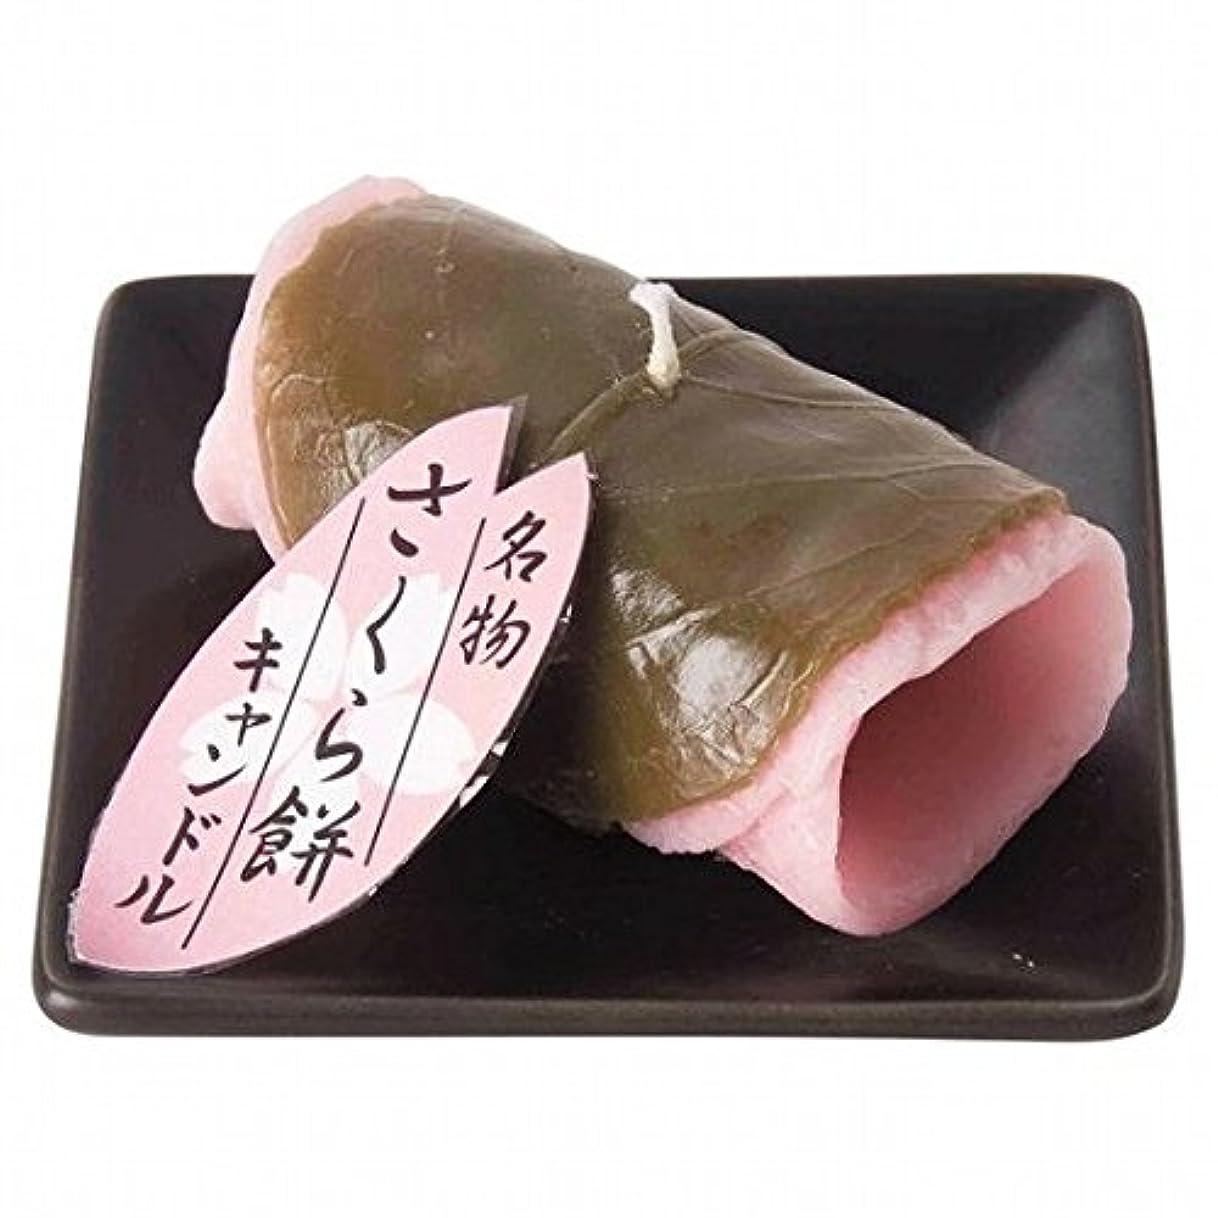 未払いキャッシュ余韻kameyama candle(カメヤマキャンドル) さくら餅キャンドル(86090000)